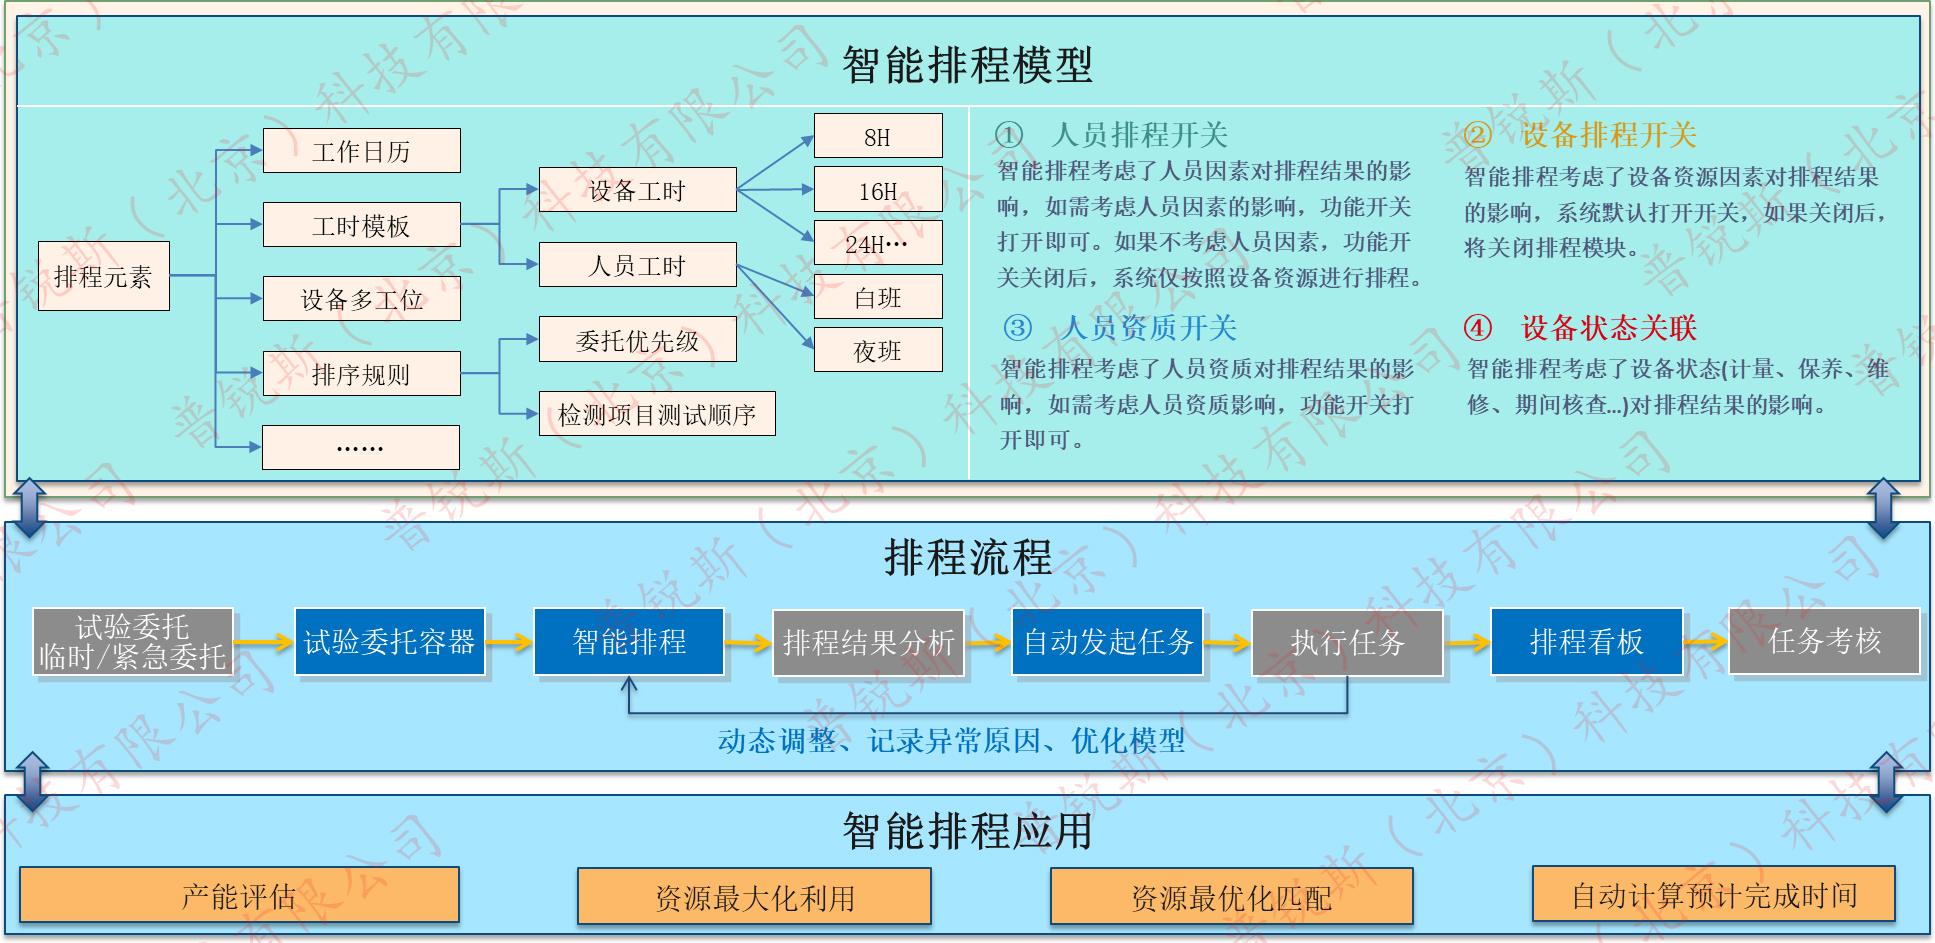 tdm实验室排程,试验数据管理系统实验室排程